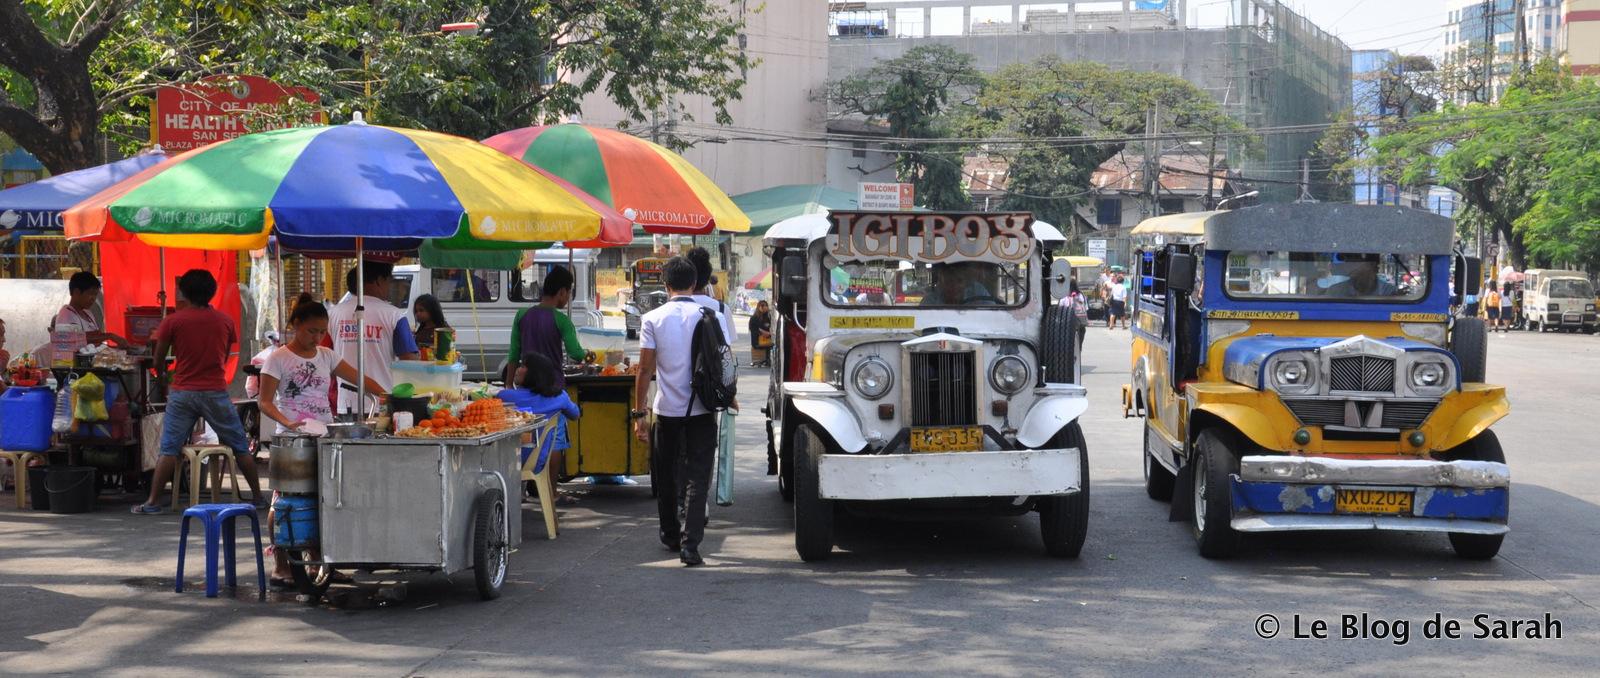 Des jeepneys à Manille